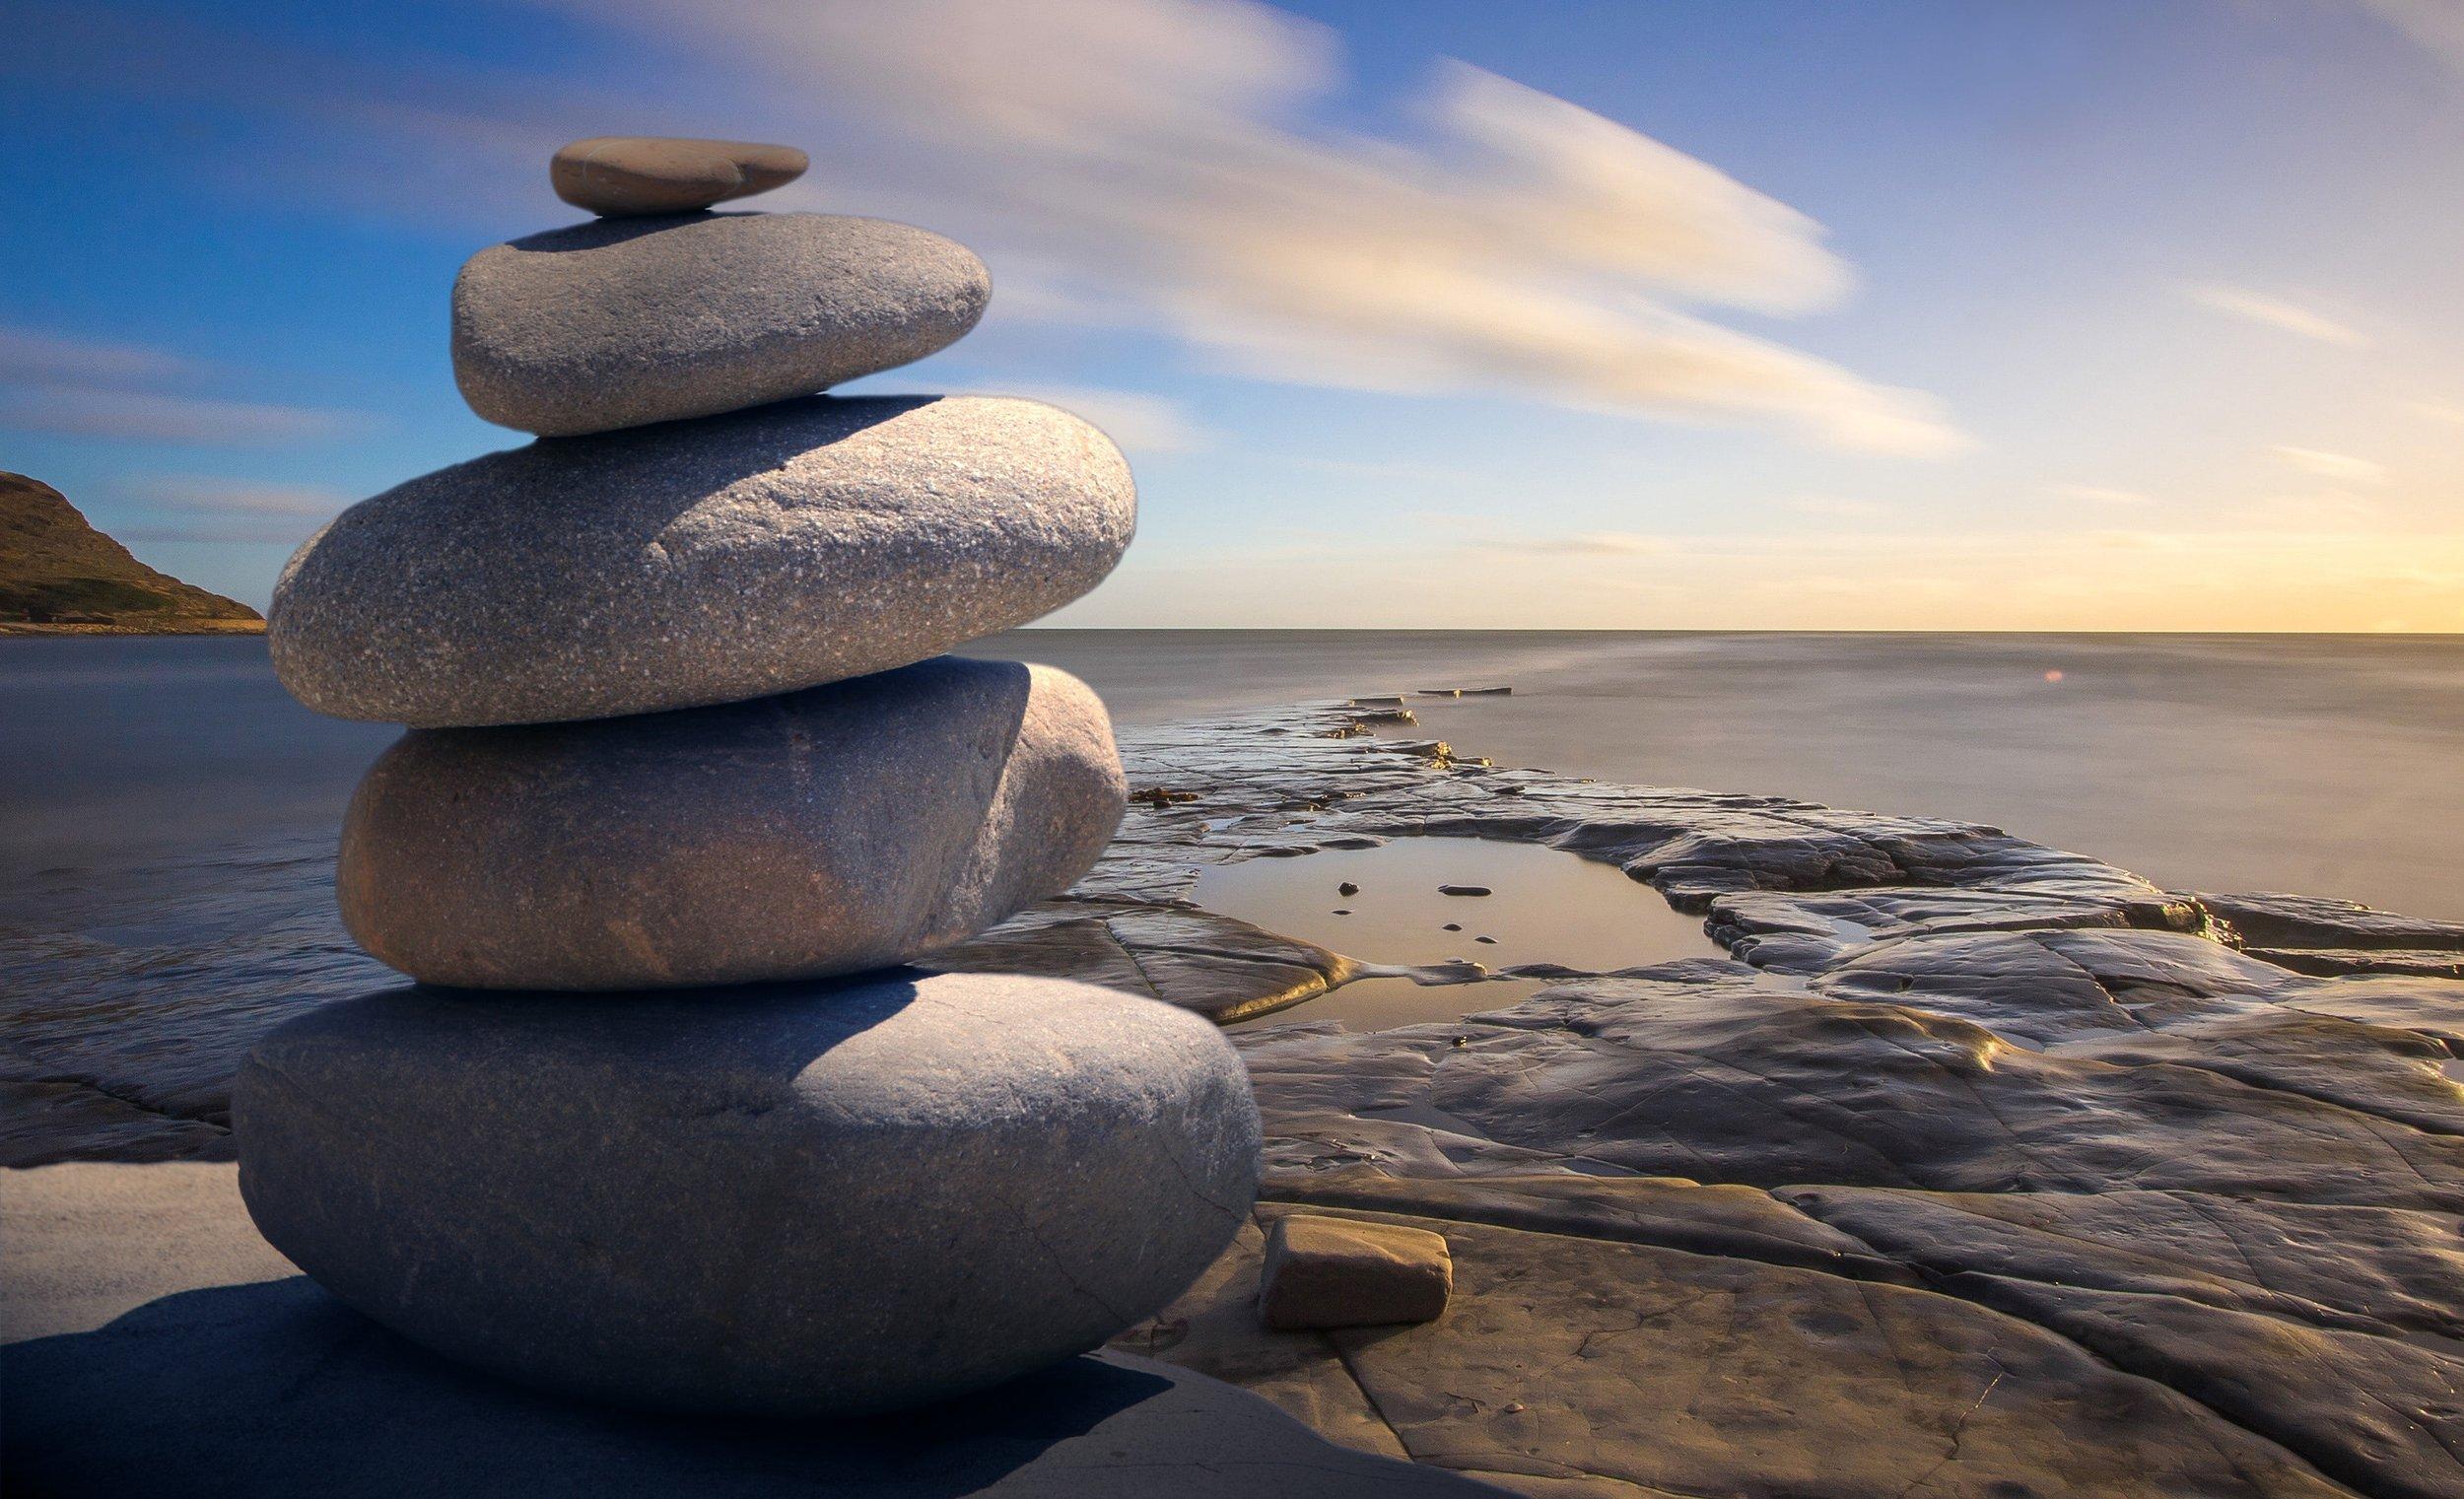 Devotion Rocks by Shore